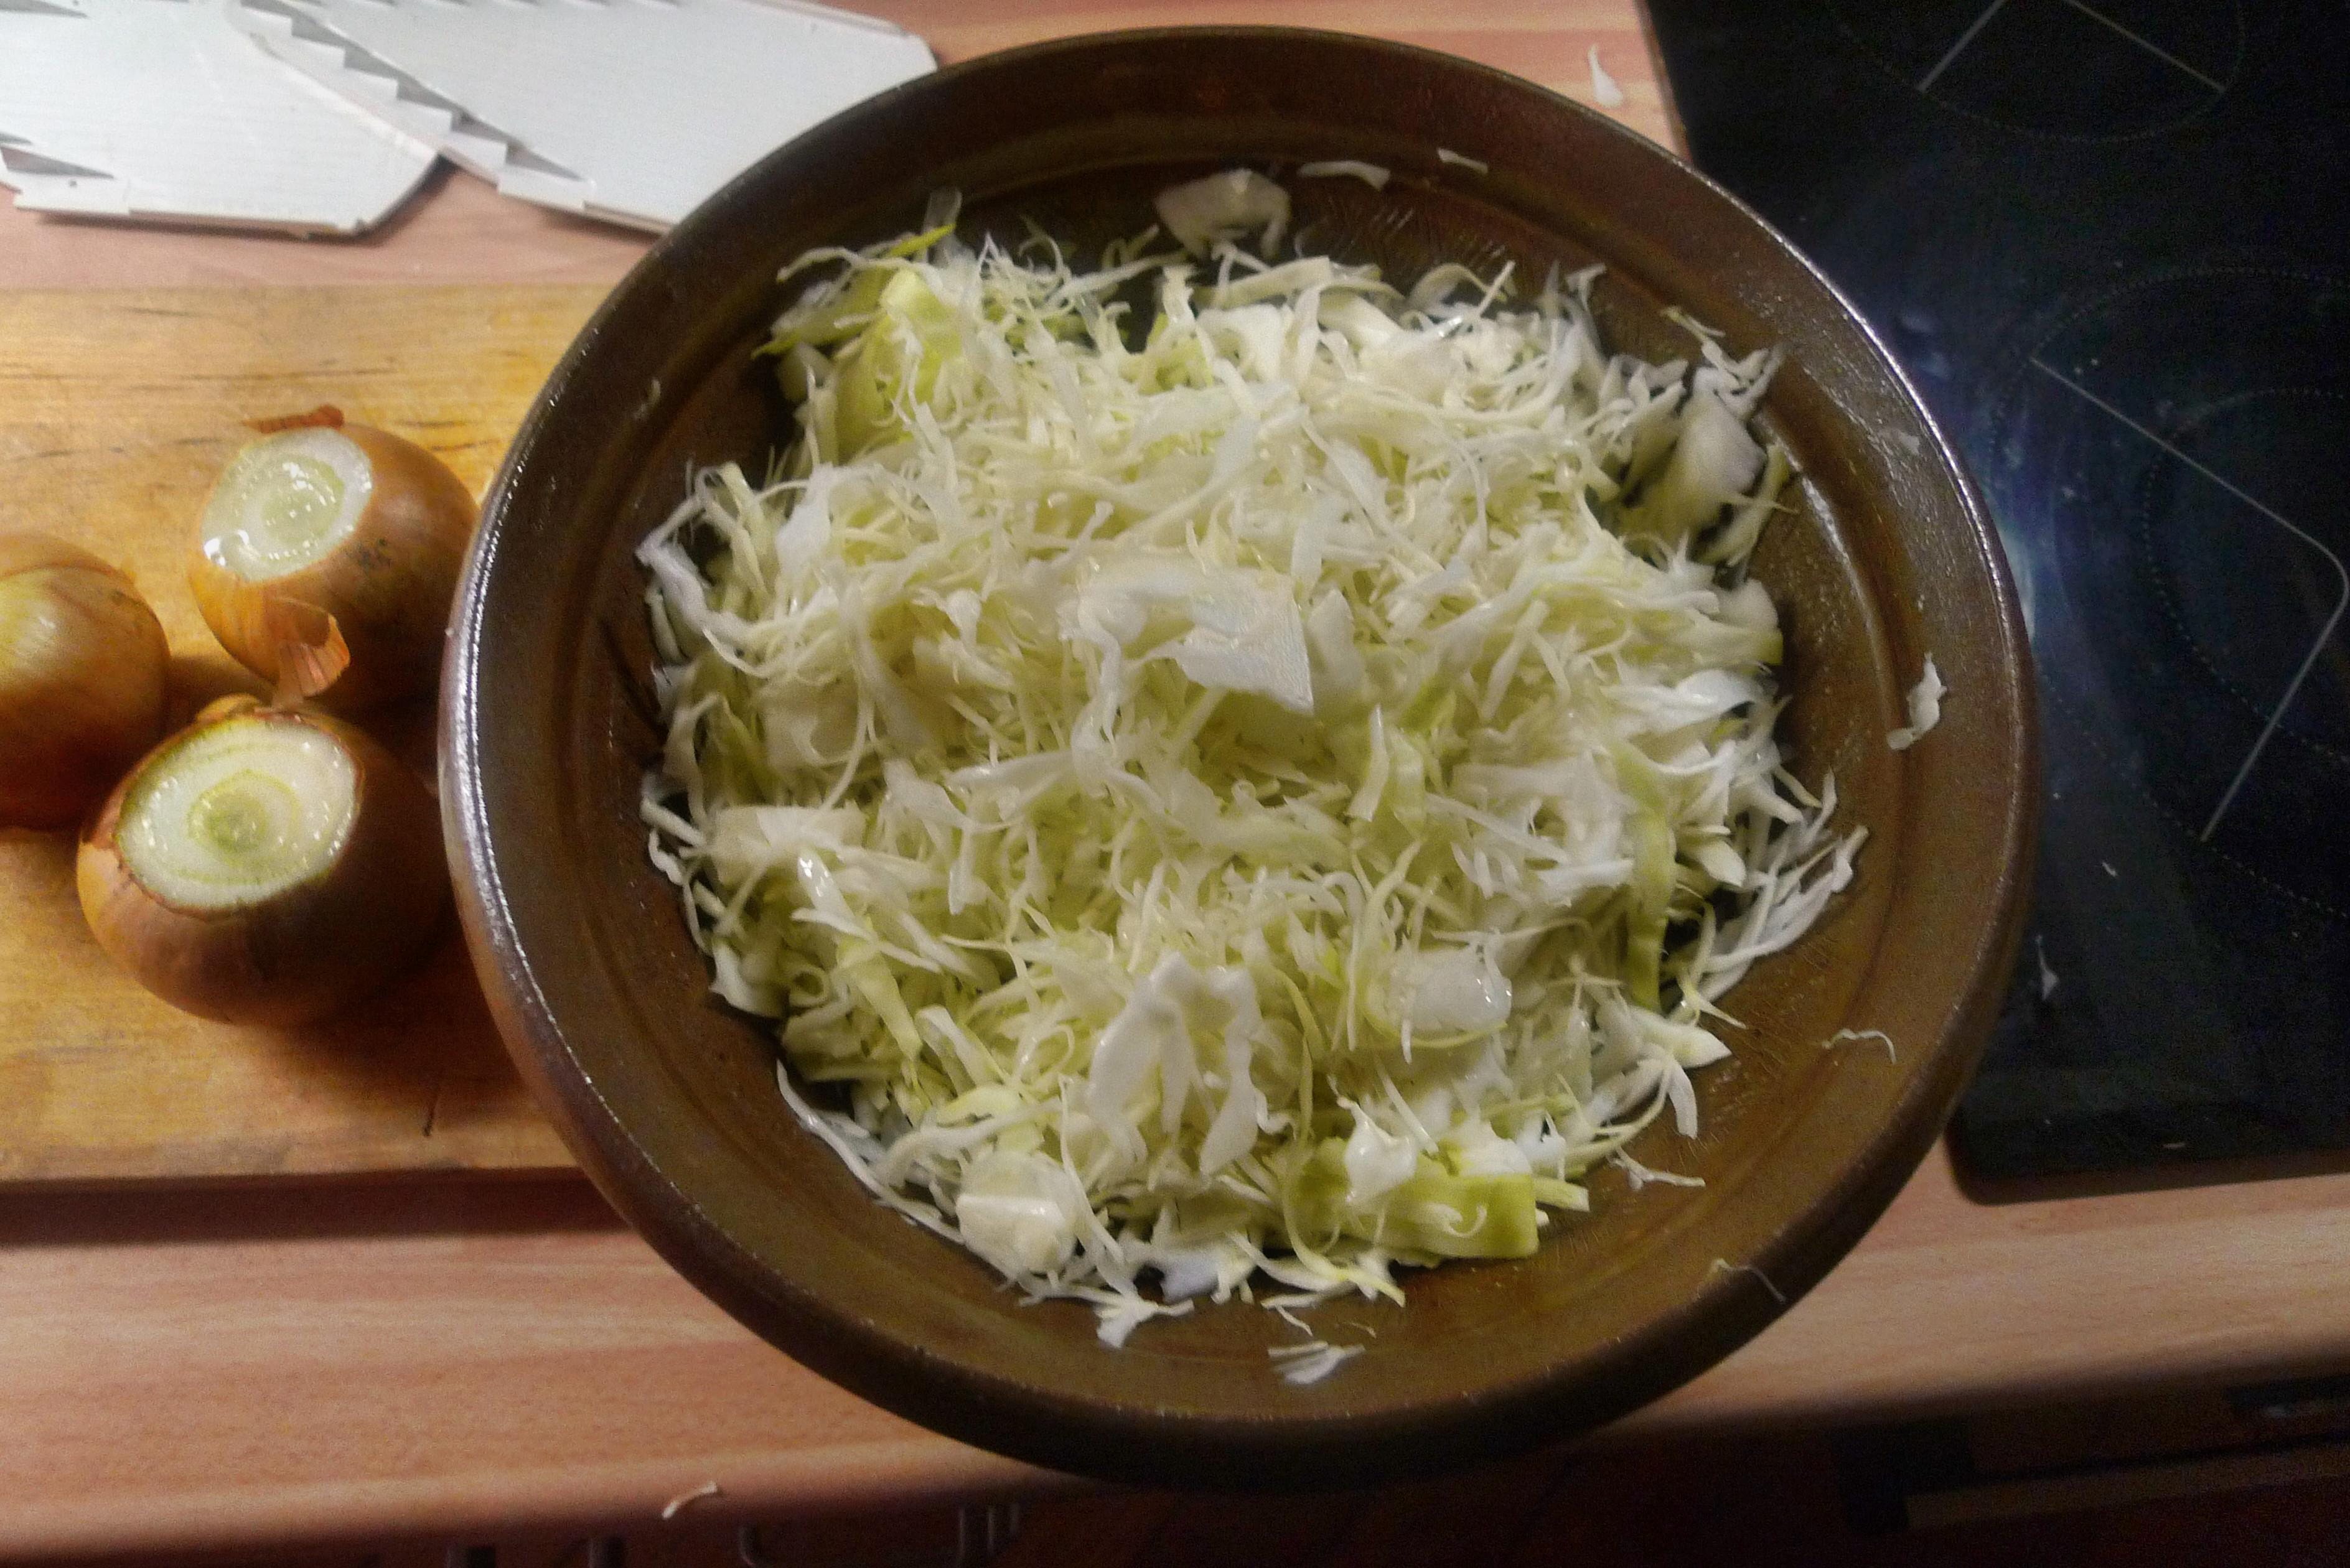 Zwiebelsoße,Kartoffelbrei,Krautsalat,Birnenkompott - 11.10.14   (4)